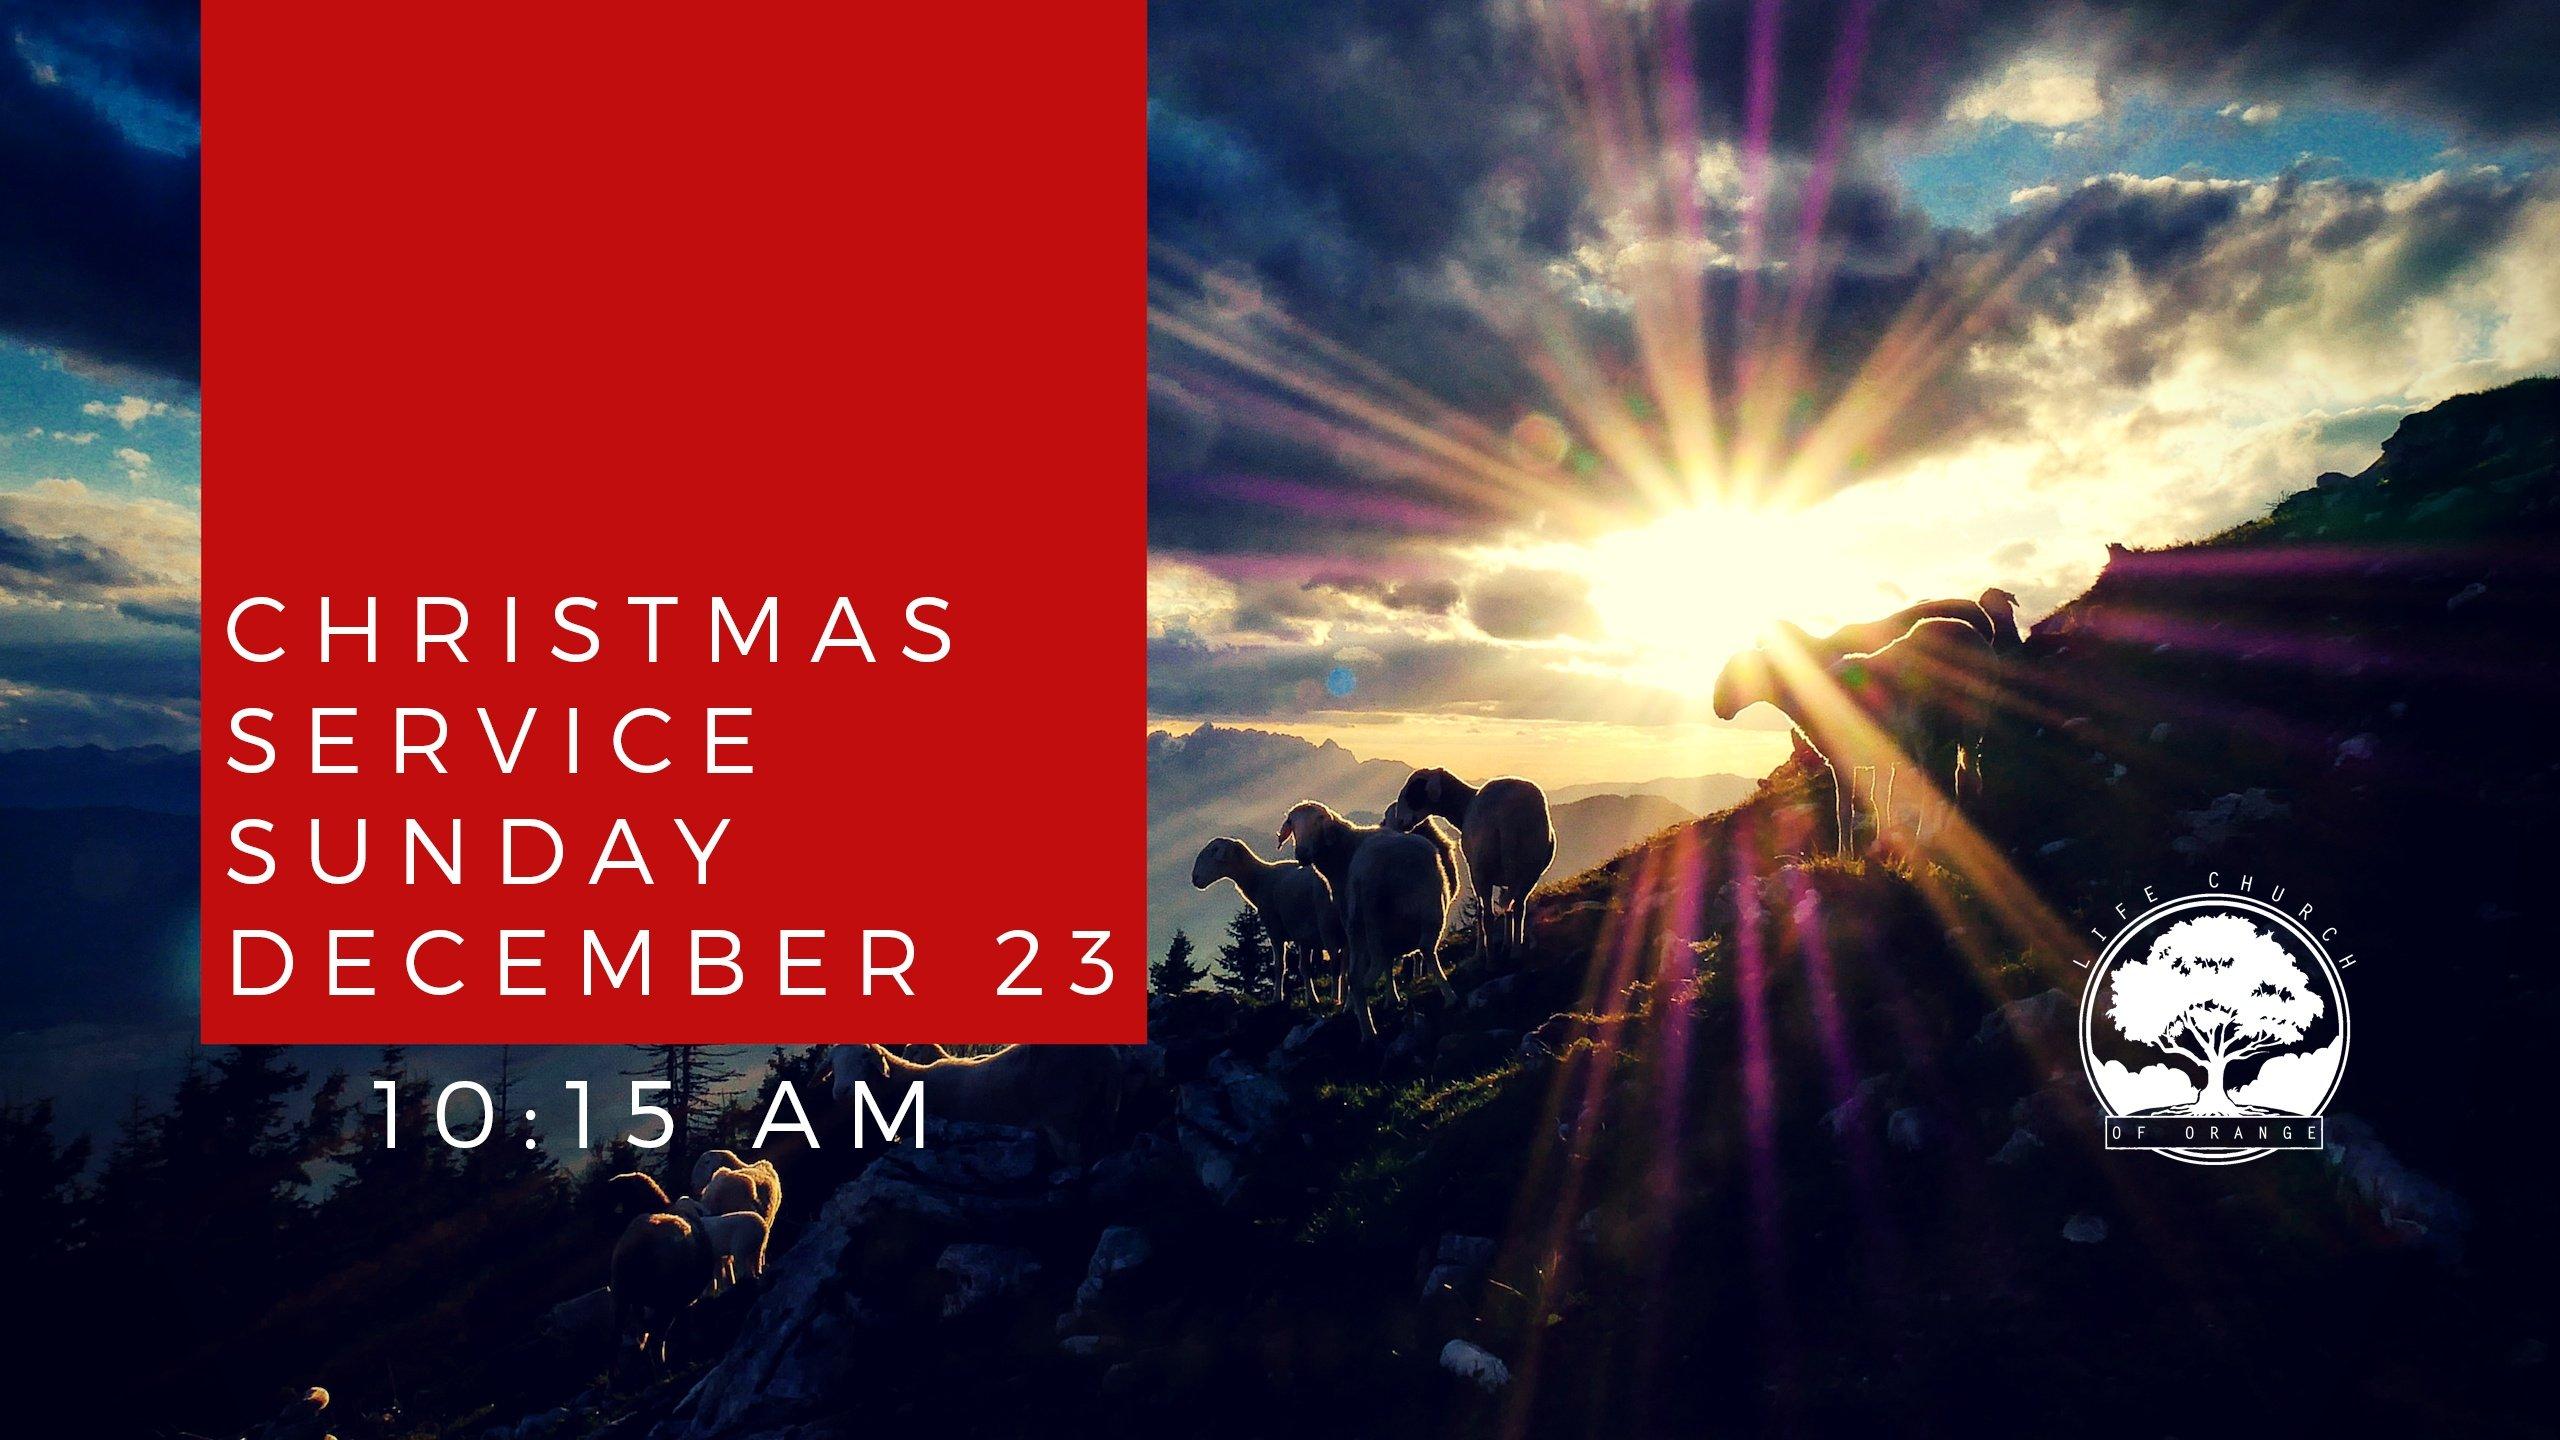 https://0201.nccdn.net/1_2/000/000/102/d18/FB-banner-CHRISTMAS2018-2560x1440.jpg